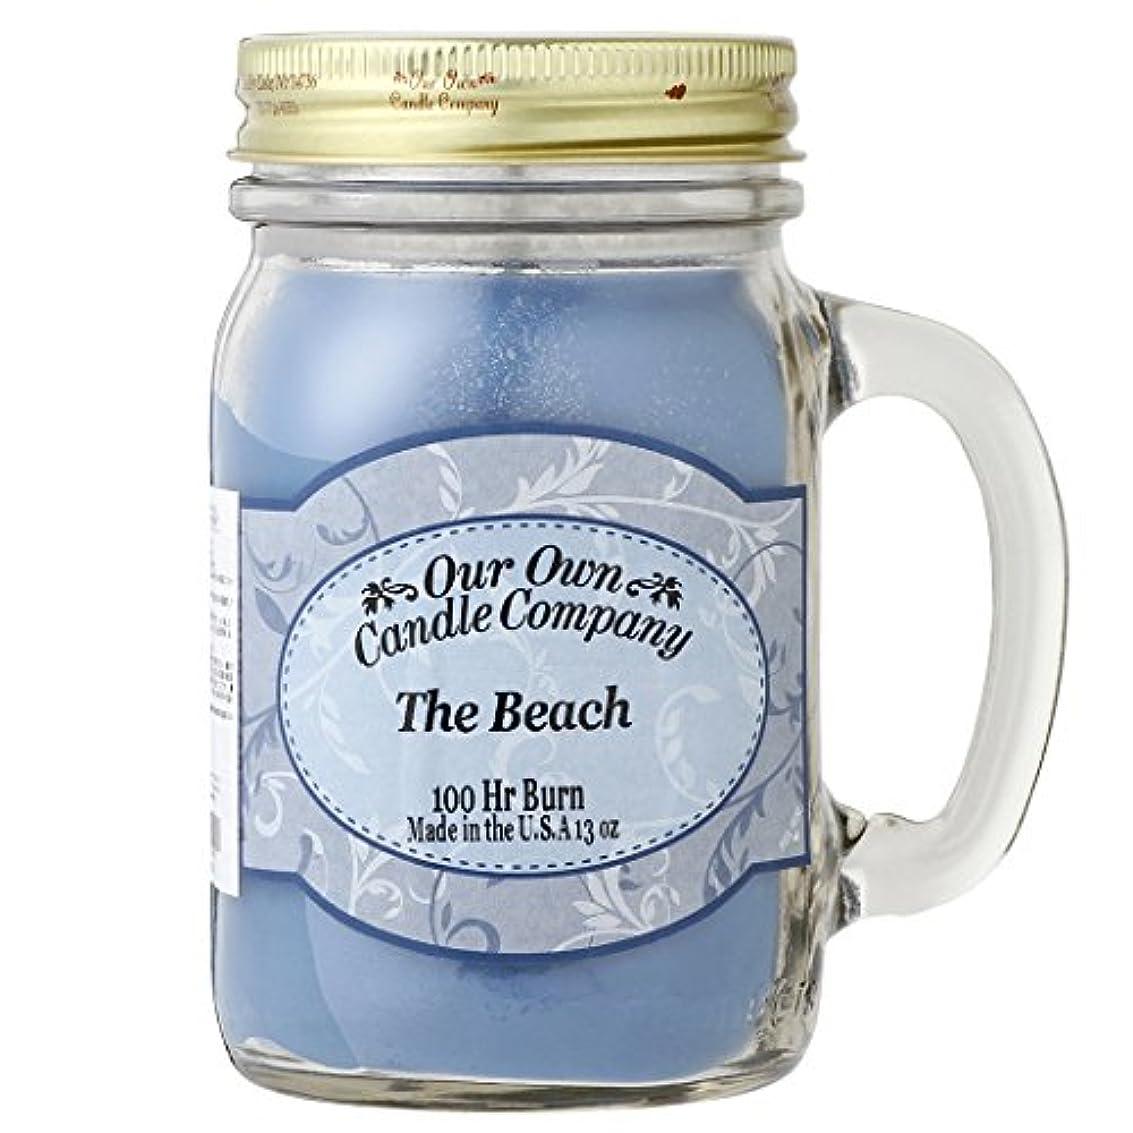 利用可能トレースのどOur Own Candle Company メイソンジャーキャンドル ラージサイズ ザ?ビーチ OU100119